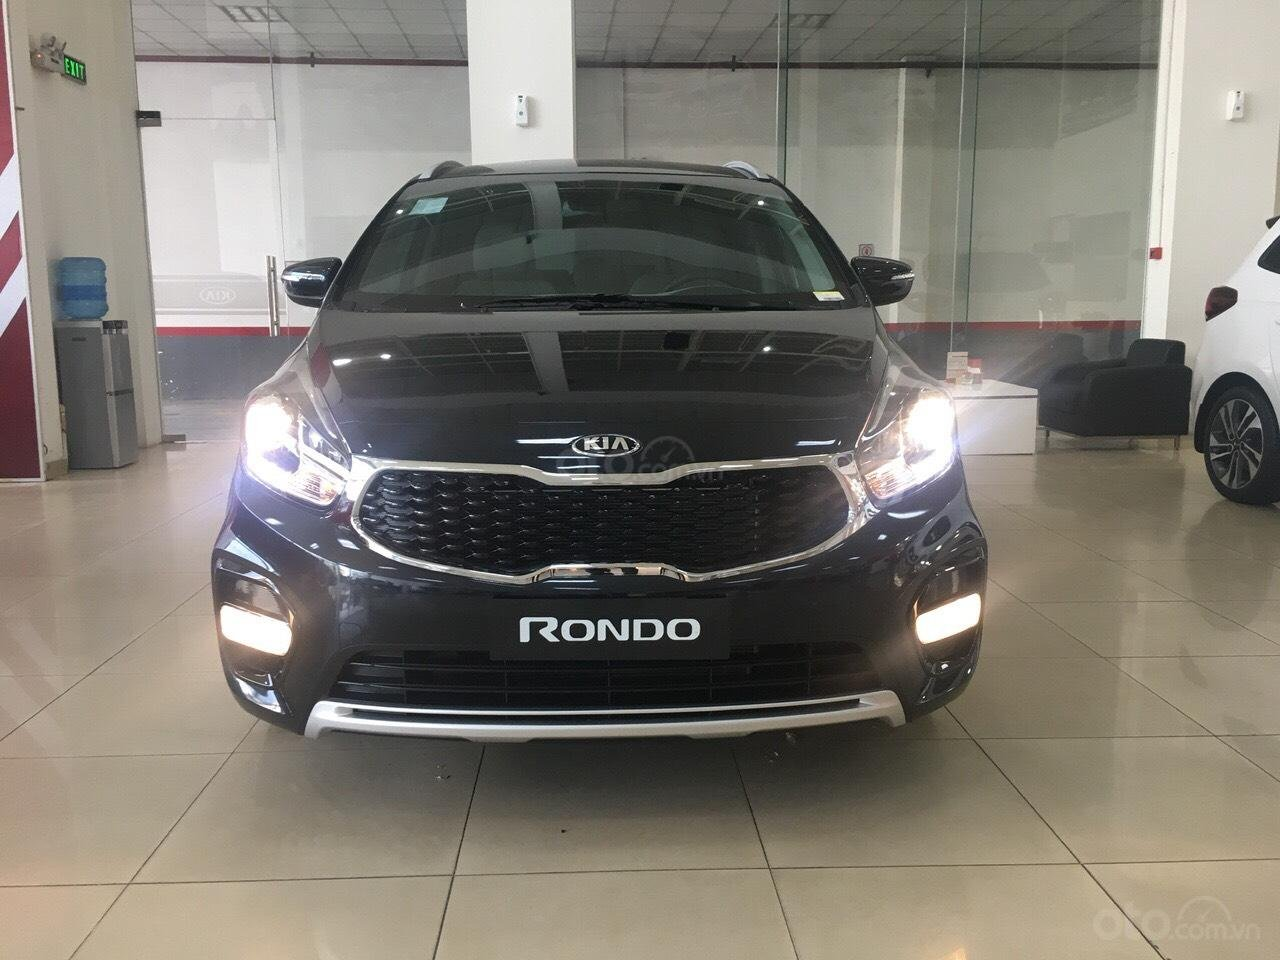 Bán Kia Rondo GAT 2019 option trang bị cao nhất phân khúc minivan giảm tiền mặt + tặng BHVC xe-0